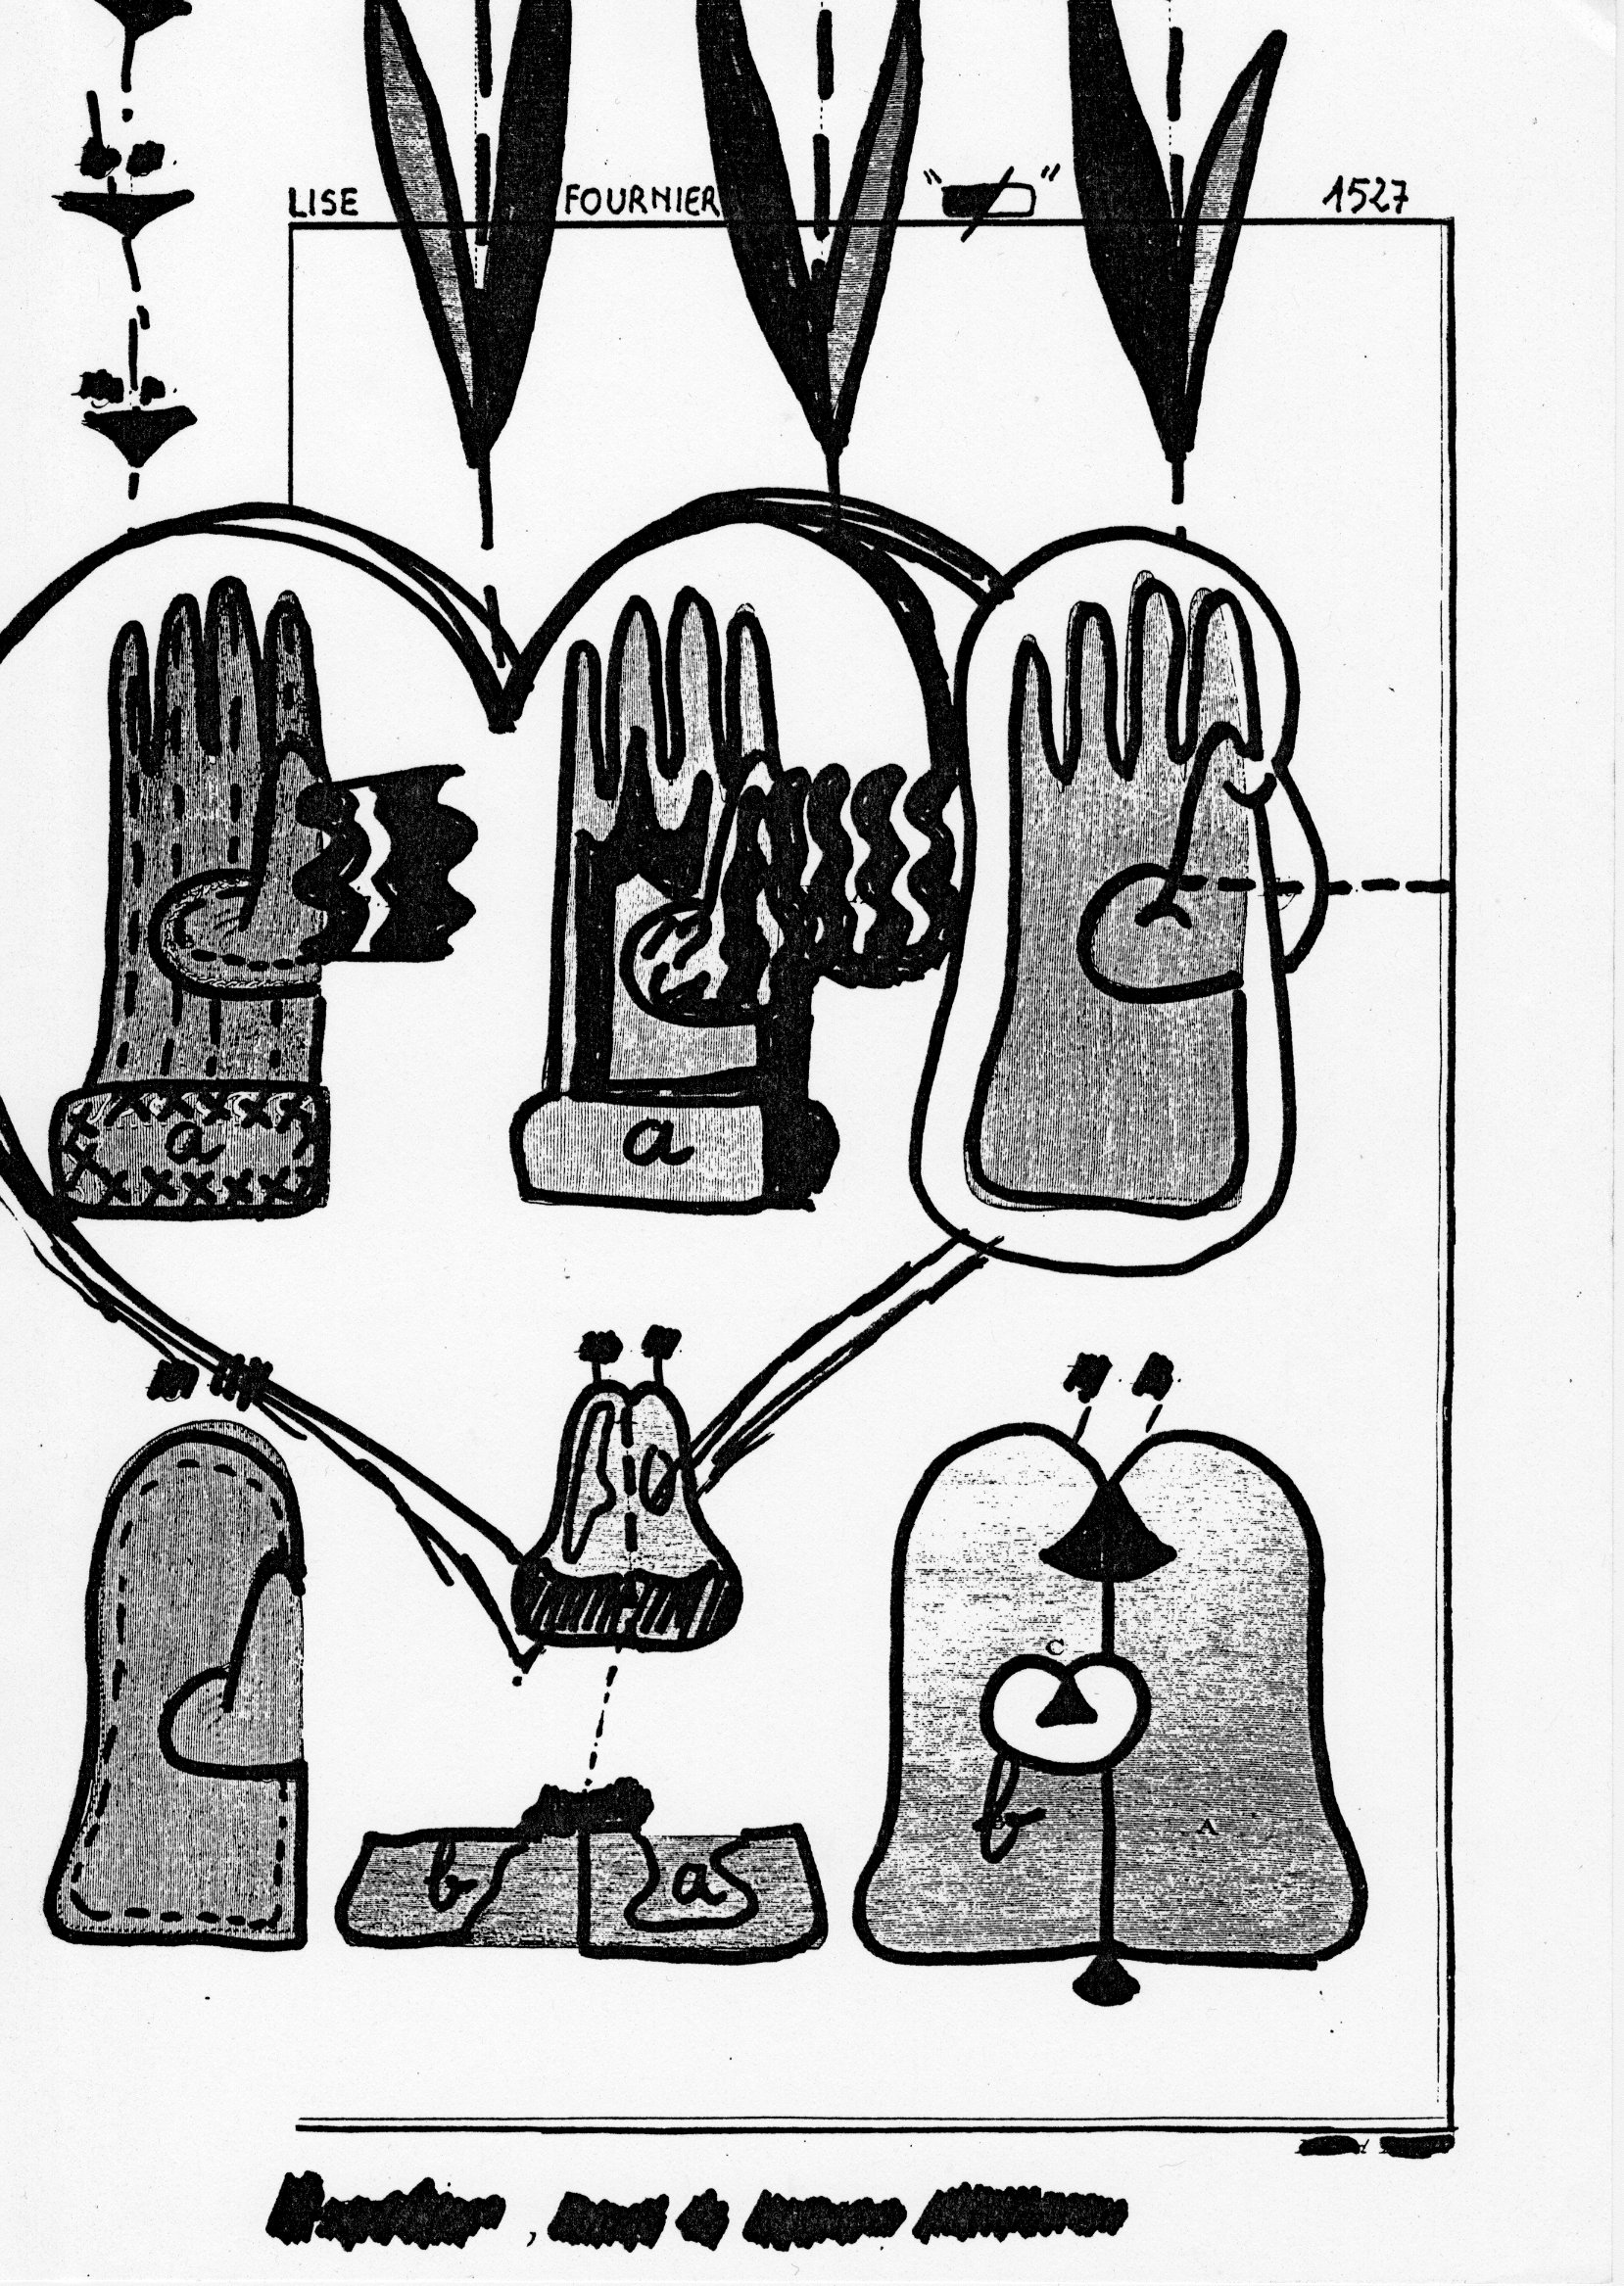 page 1527 L. Fournier ENSEMBLE VIDE